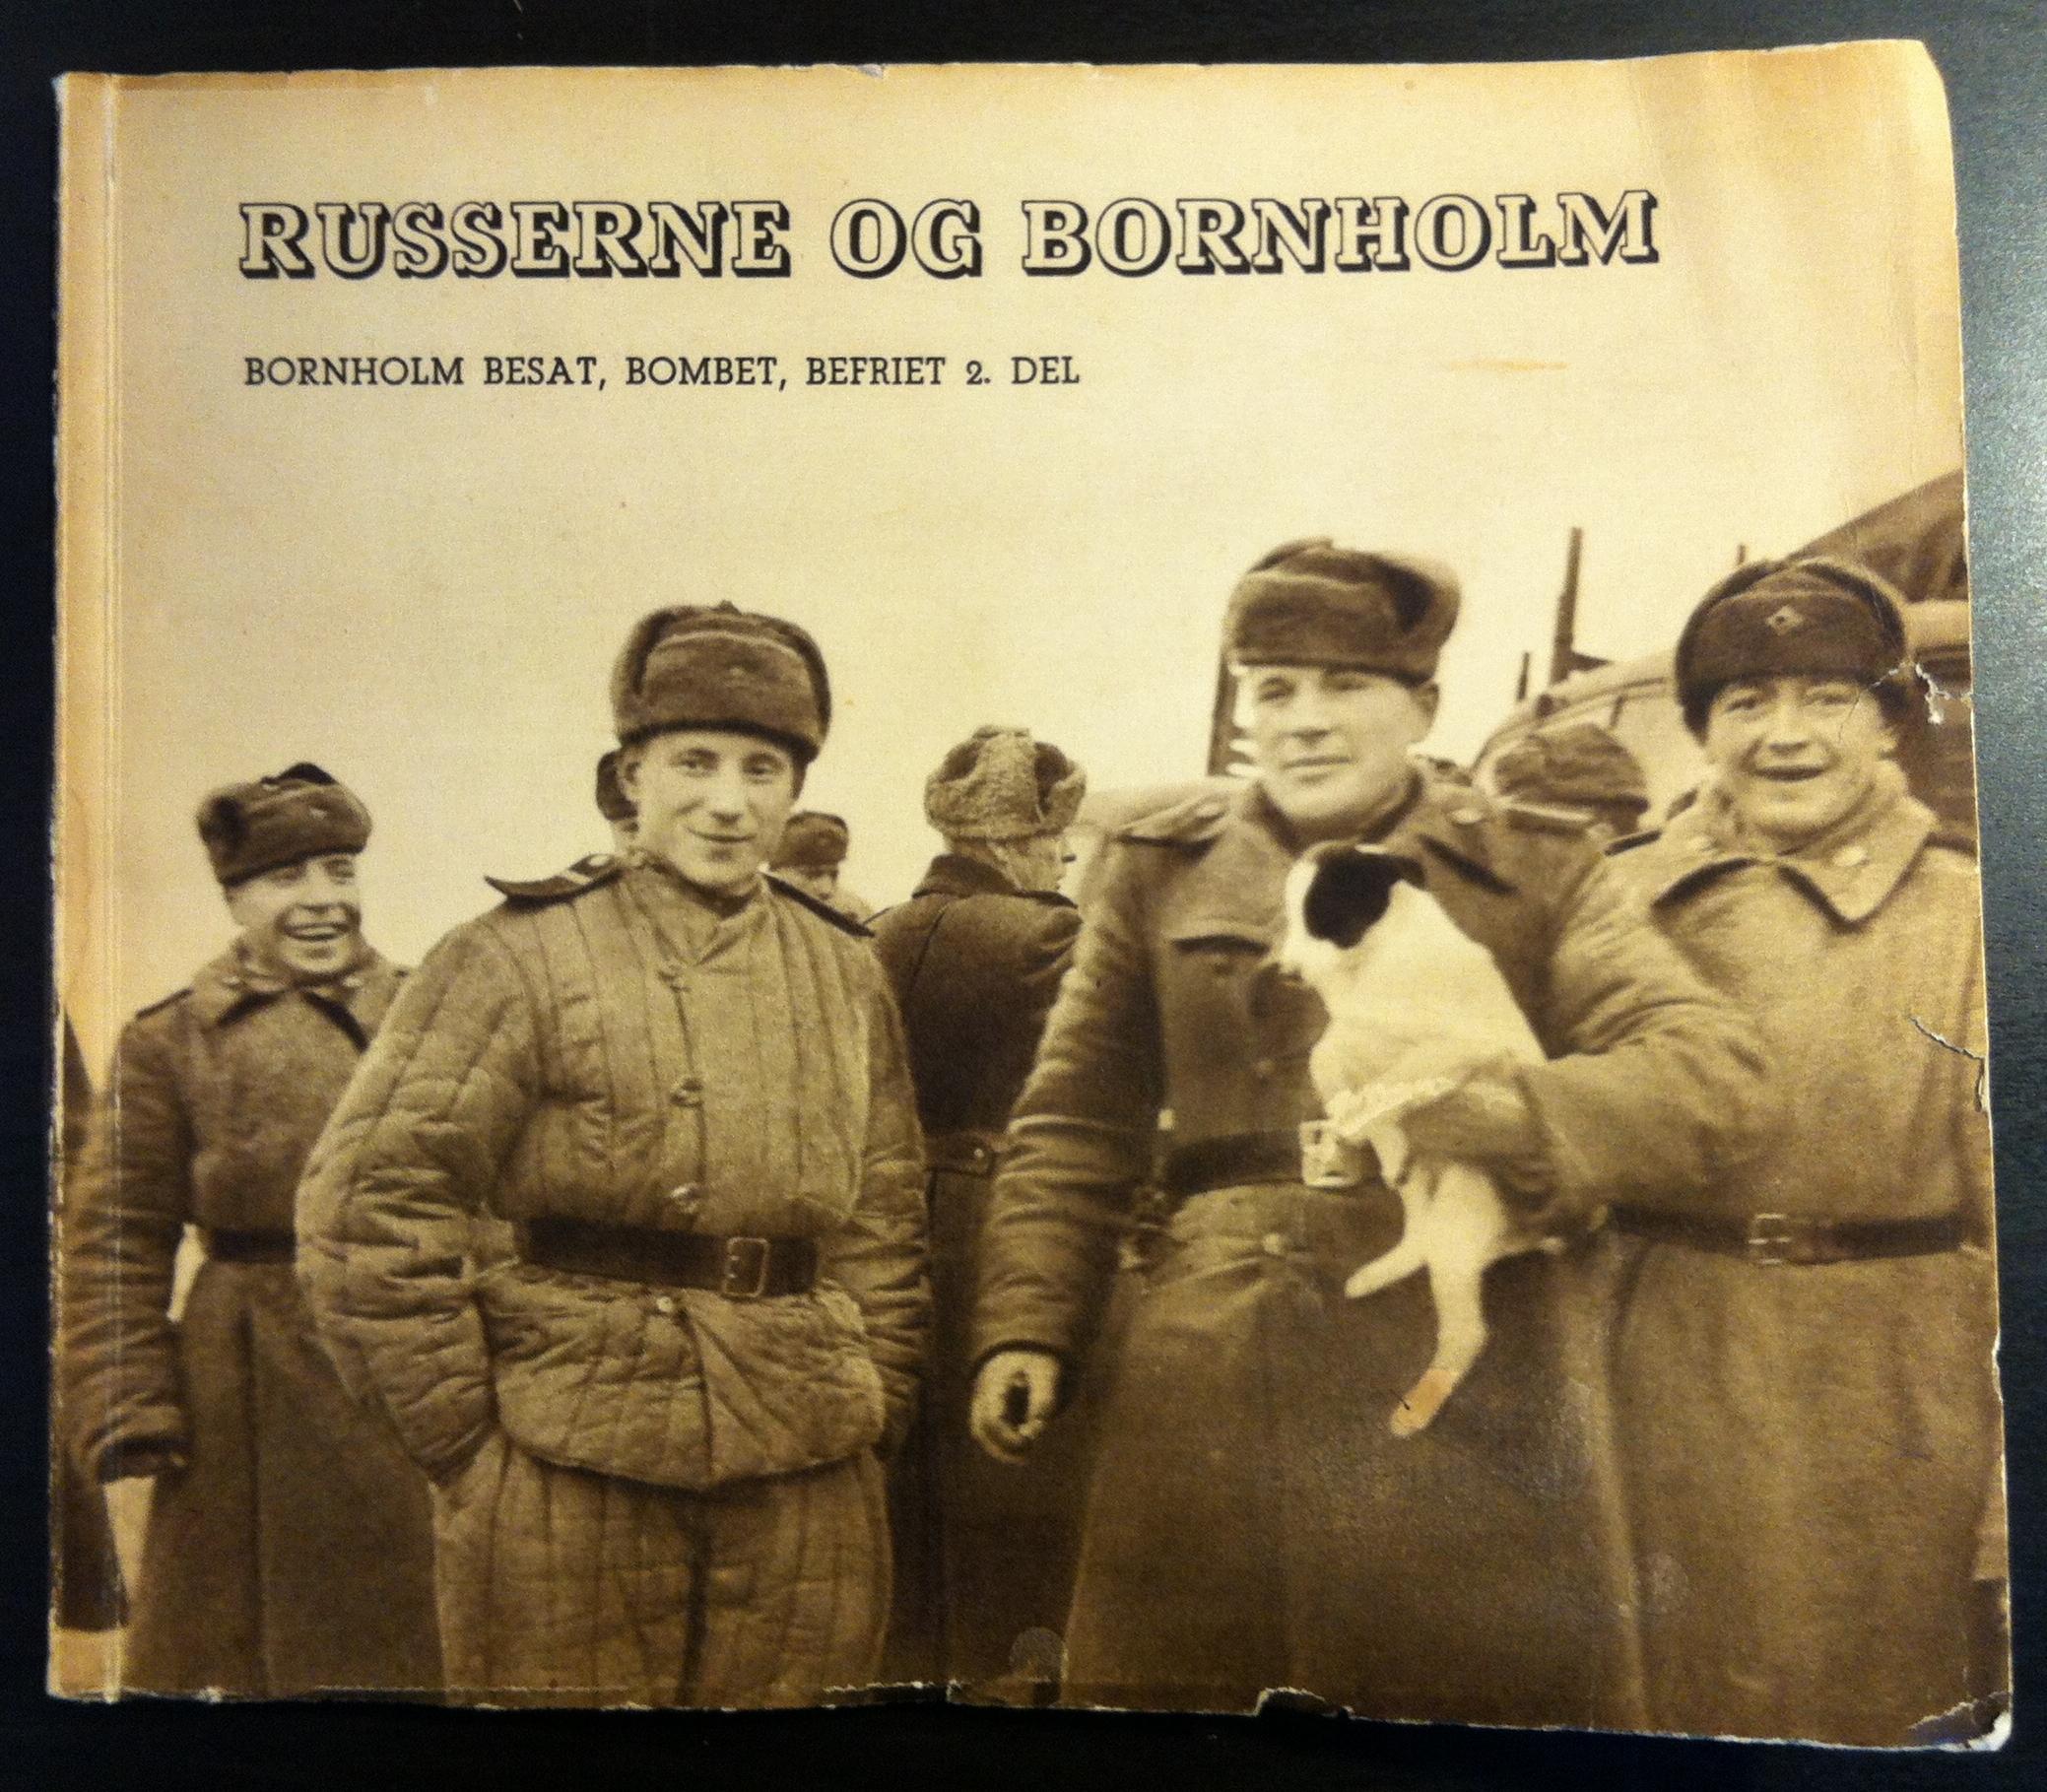 Russerne og Bornholm